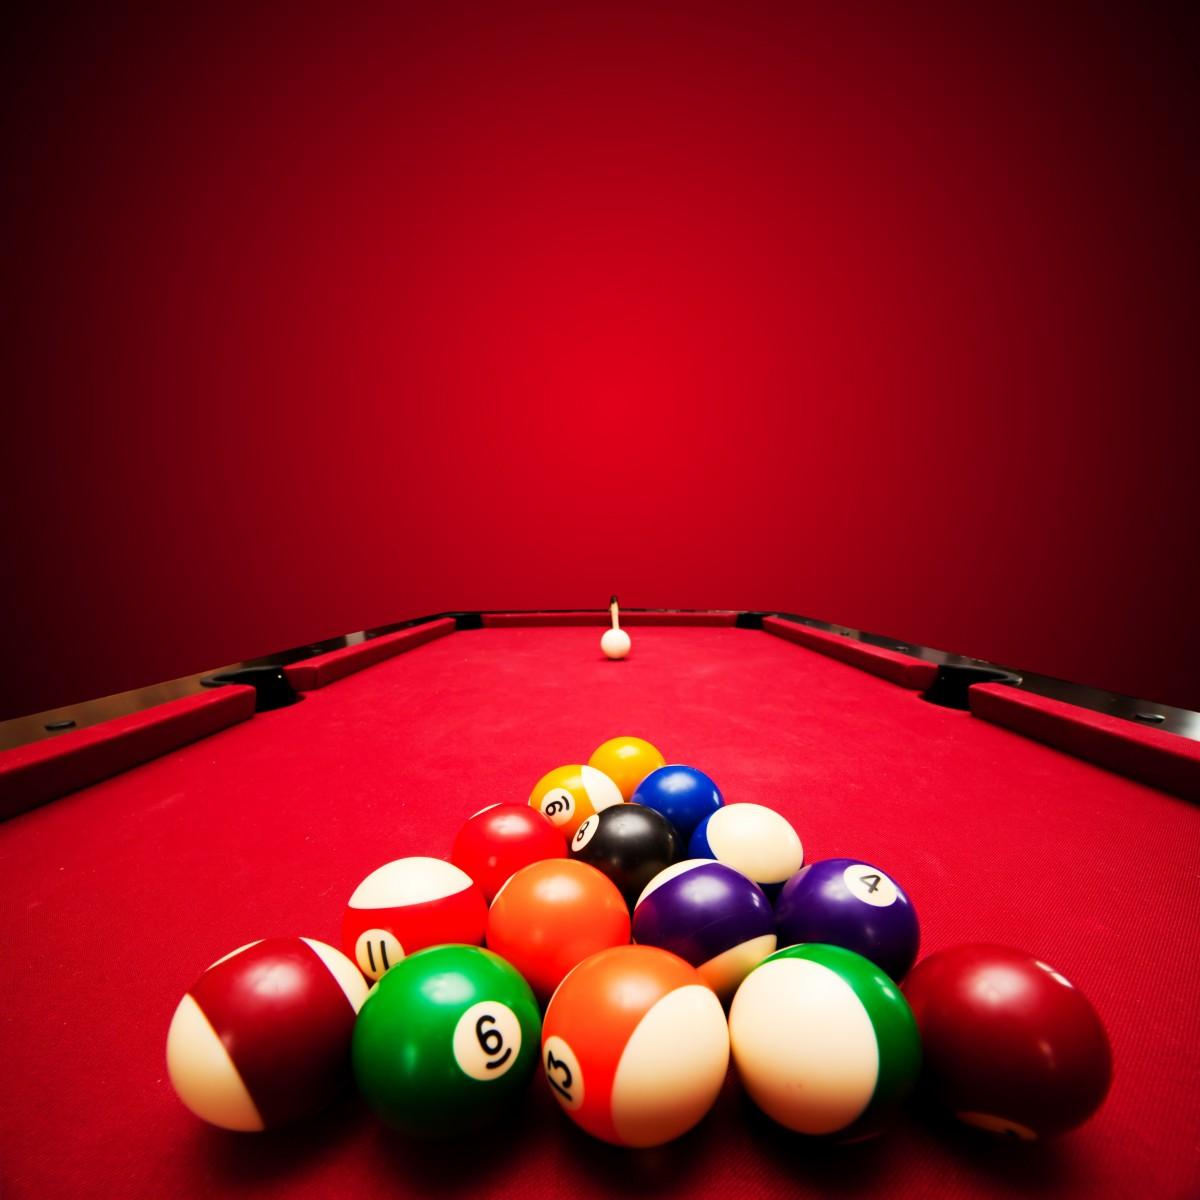 Billiards HD desktop wallpaper  Widescreen  High